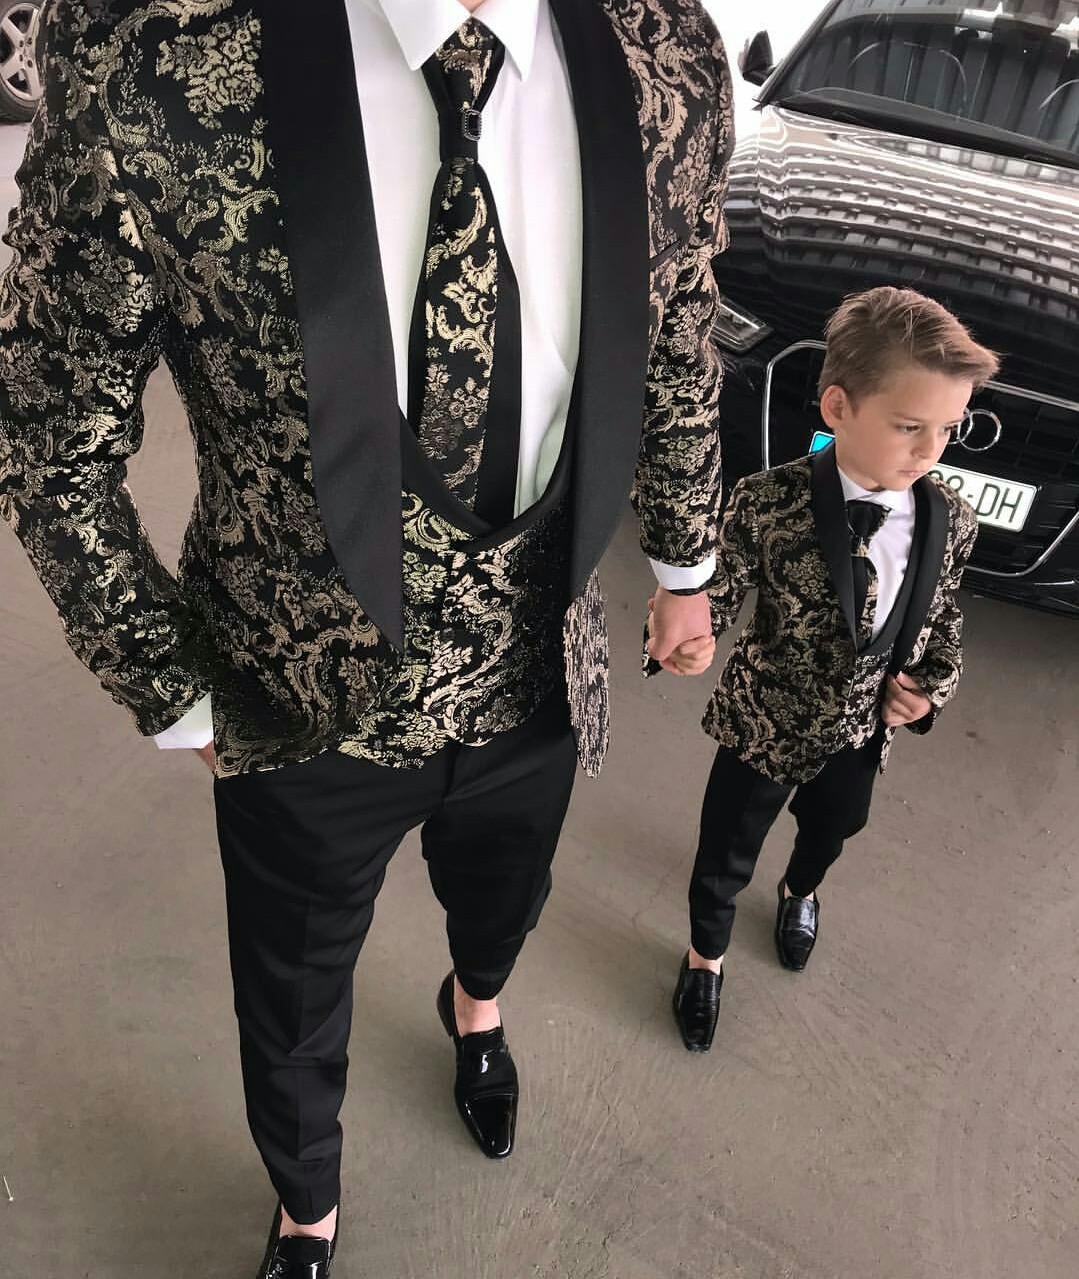 Giacca di Velluto Nero per Ragazzi Bambini Scialle Bavero Blazer Abiti Formali Matrimonio Giacca